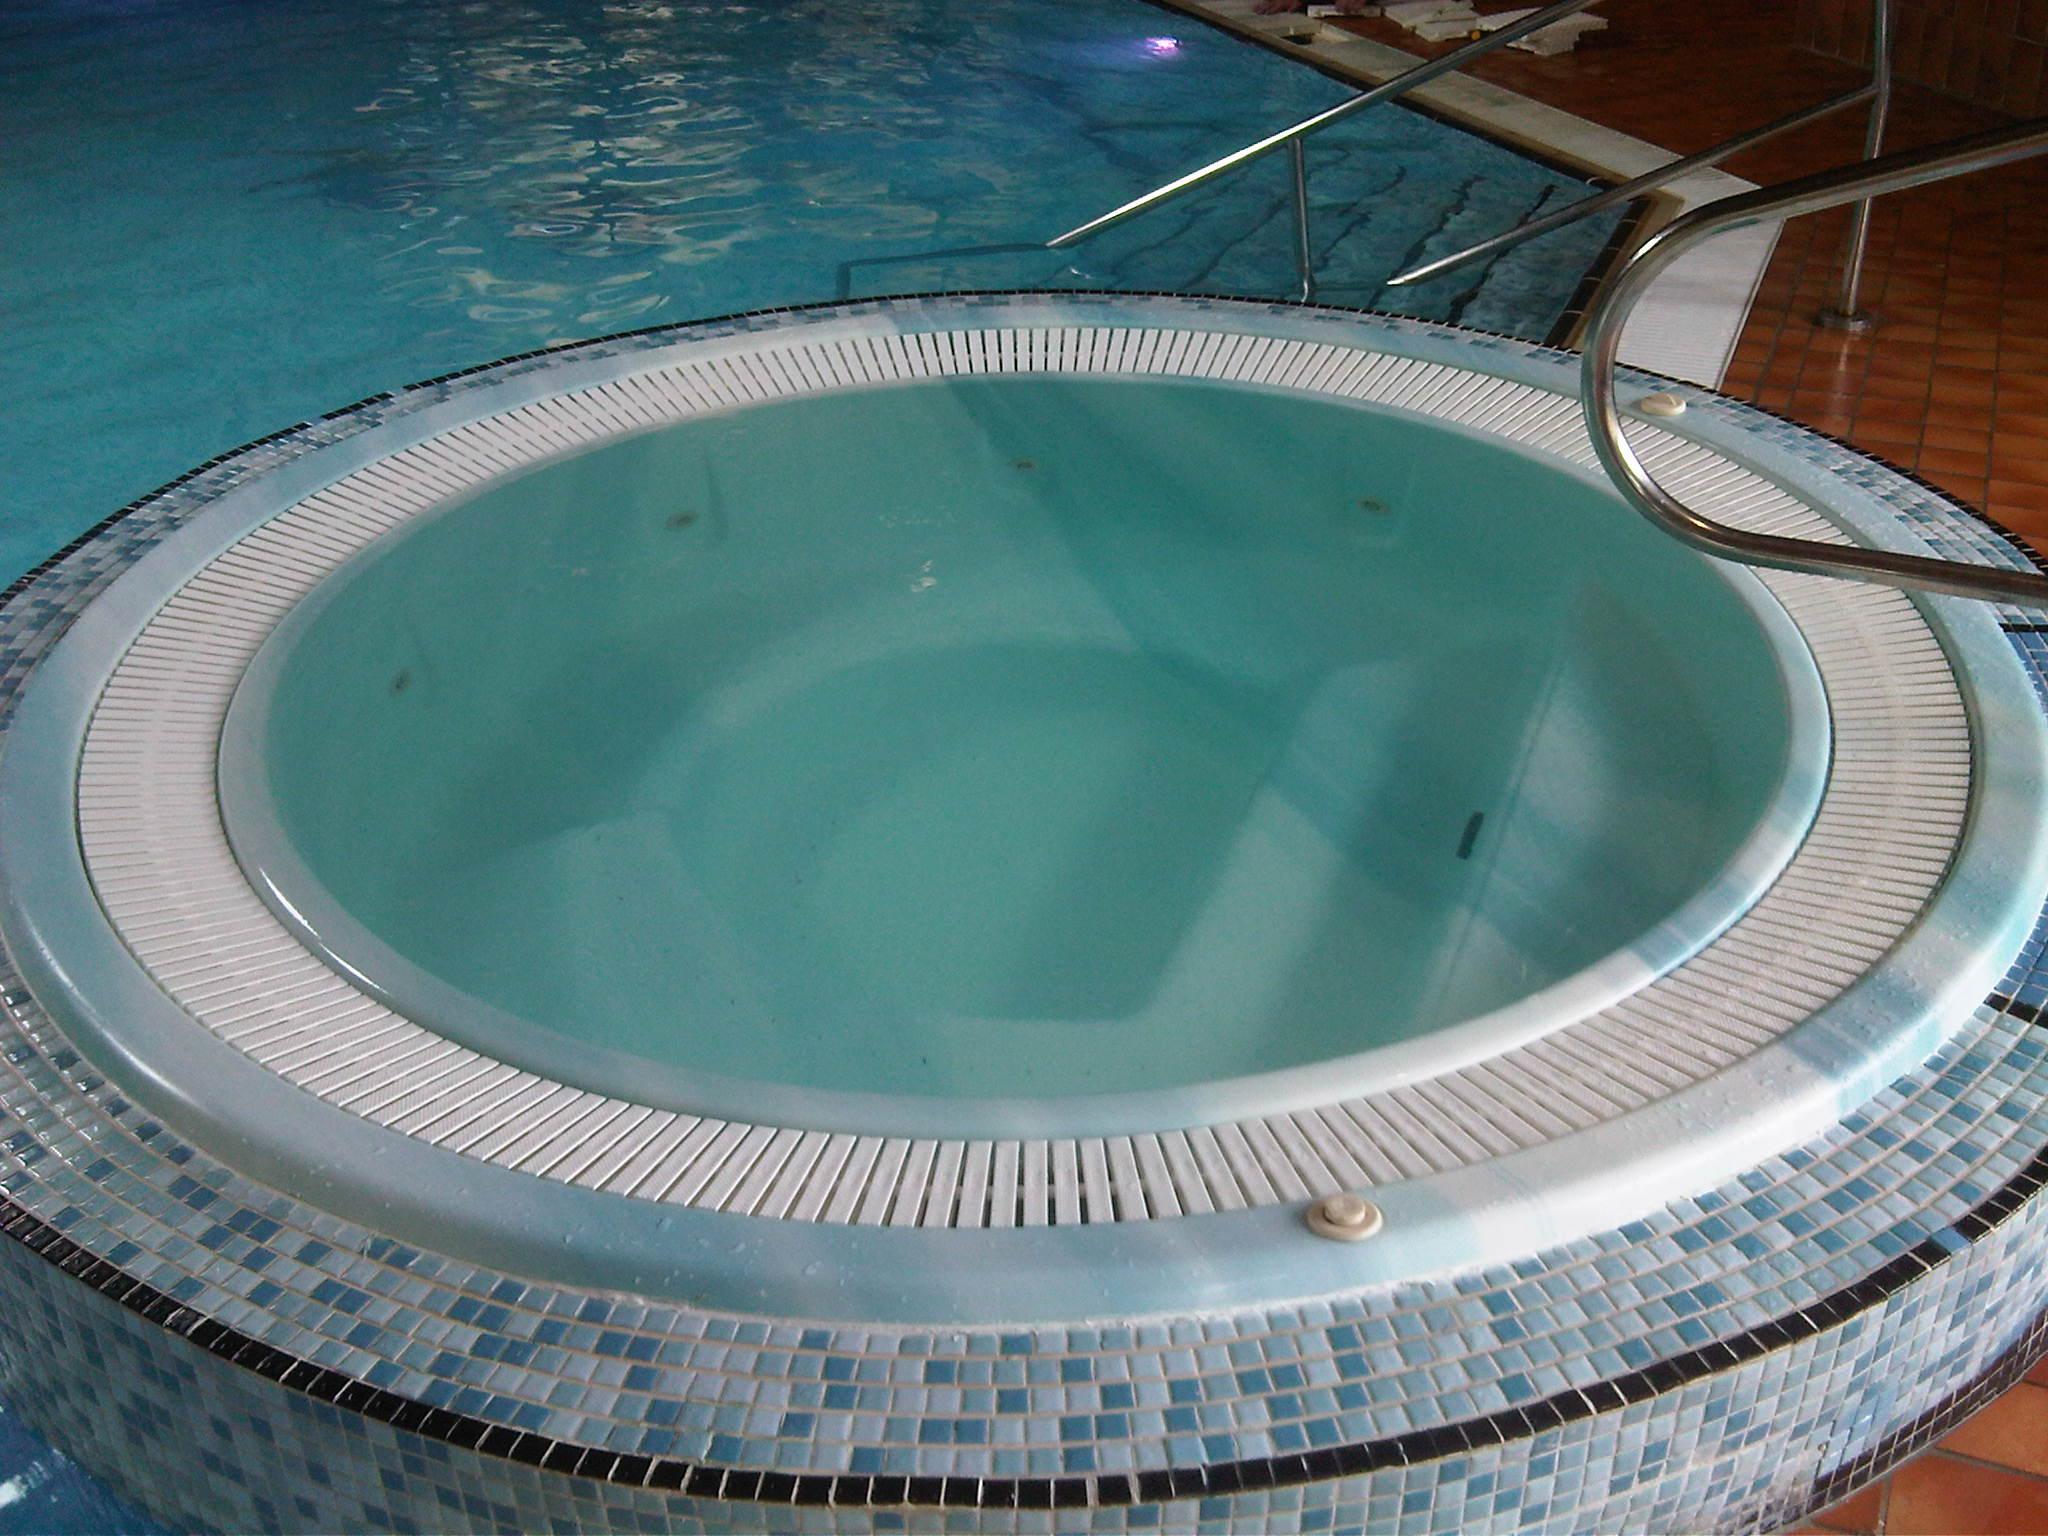 grille de piscine et grille de d bordement anti wave. Black Bedroom Furniture Sets. Home Design Ideas